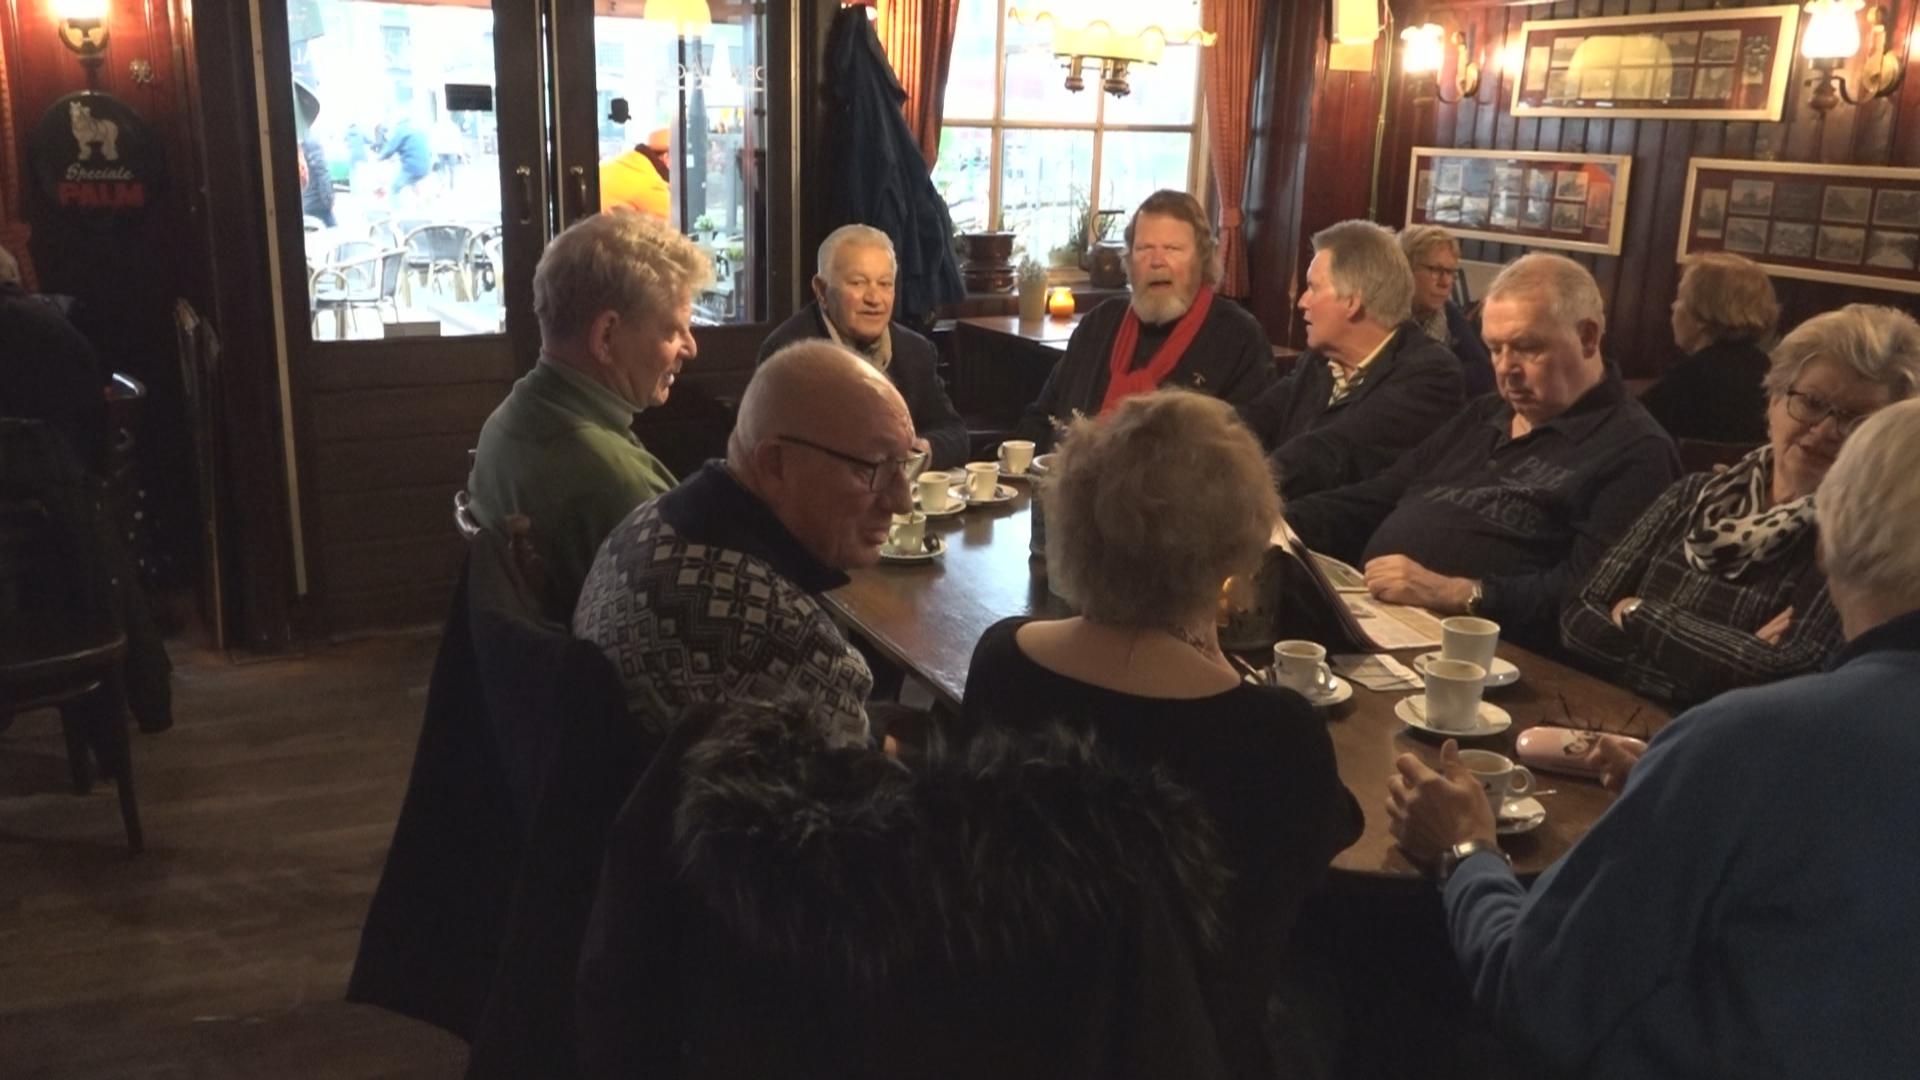 De AOW-uitkering valt vies tegen, zeggen de oudjes in Deventer café De Waagschaal